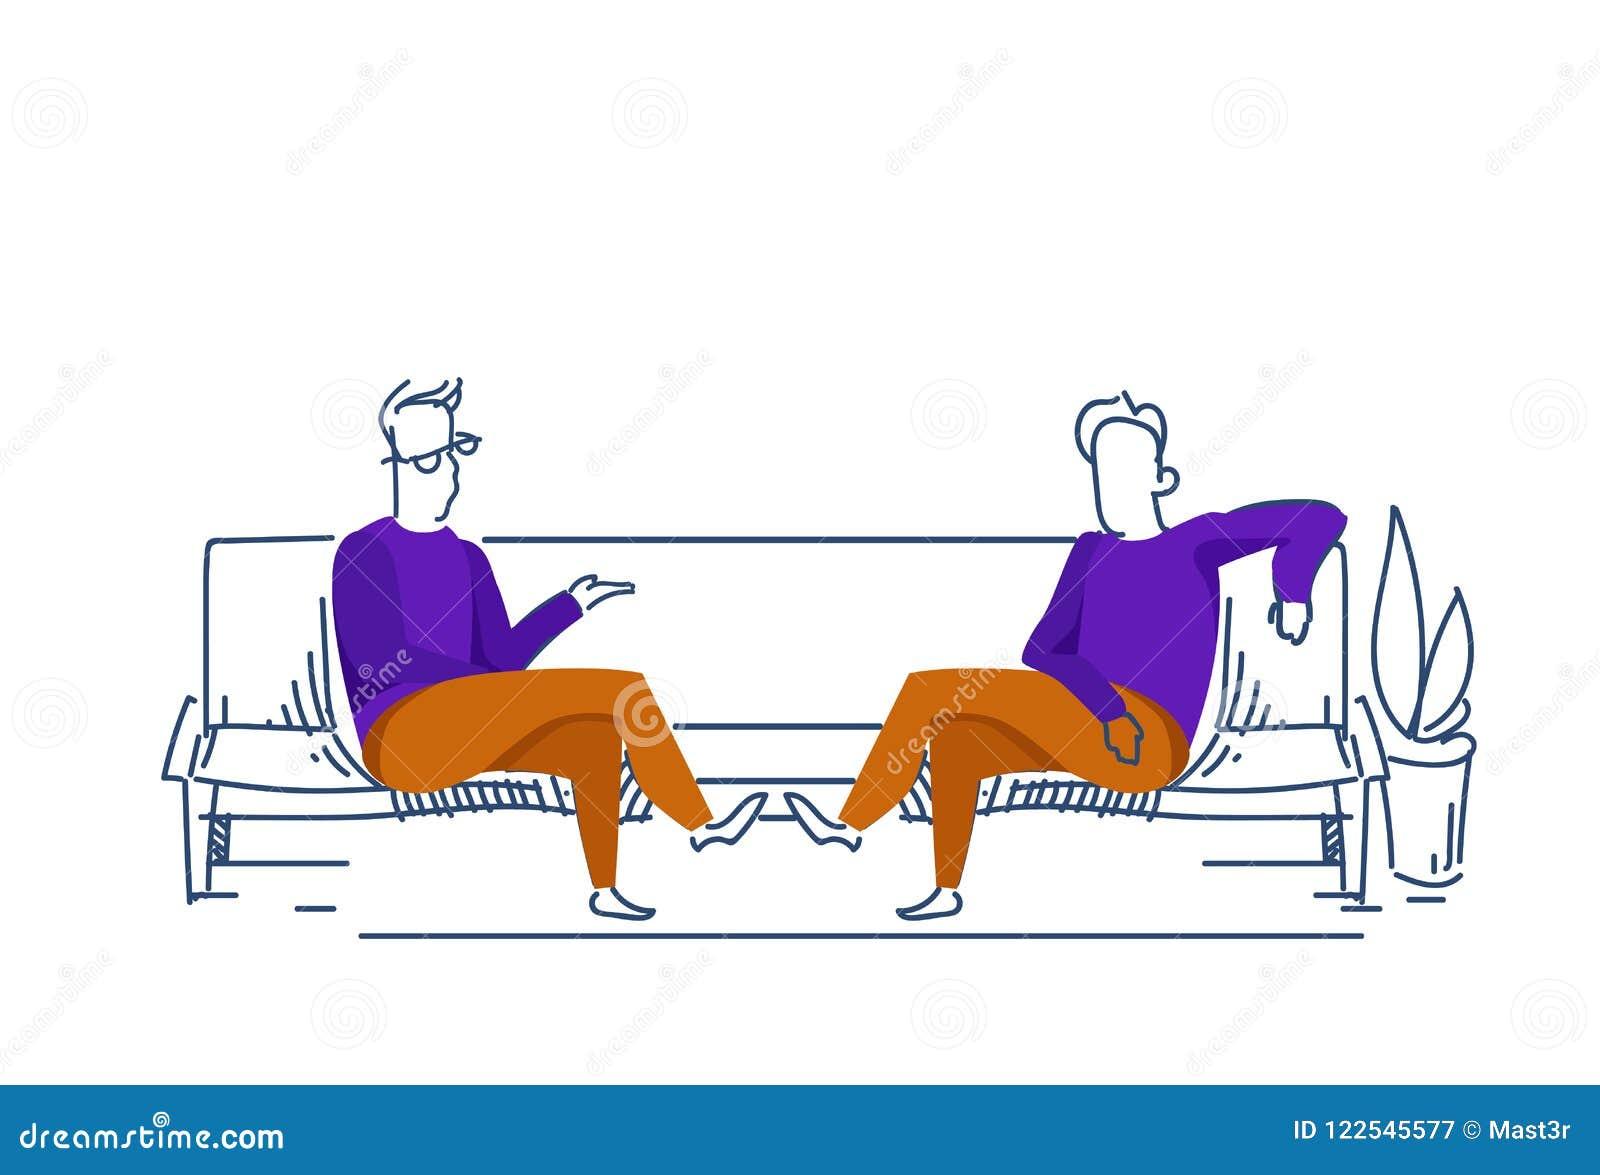 两个商人通信松弛沙发企业交涉概念男性上色了剪影剪影乱画